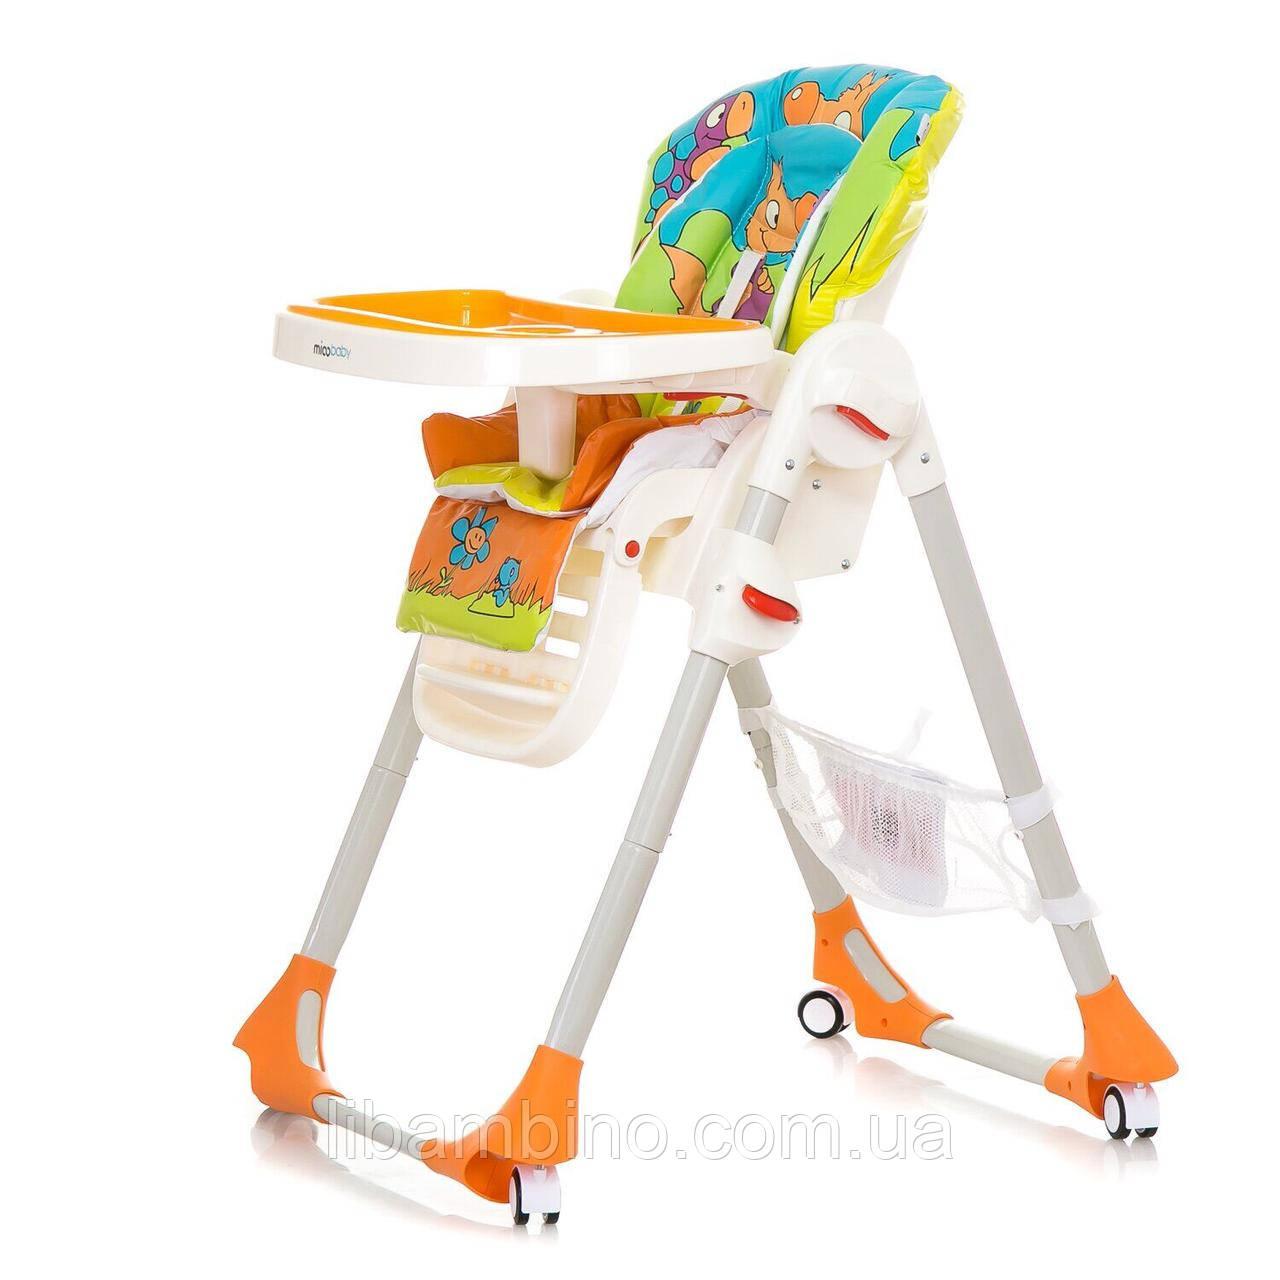 Дитячий універсальний стільчик для годування Mioobaby Rio  - Orange